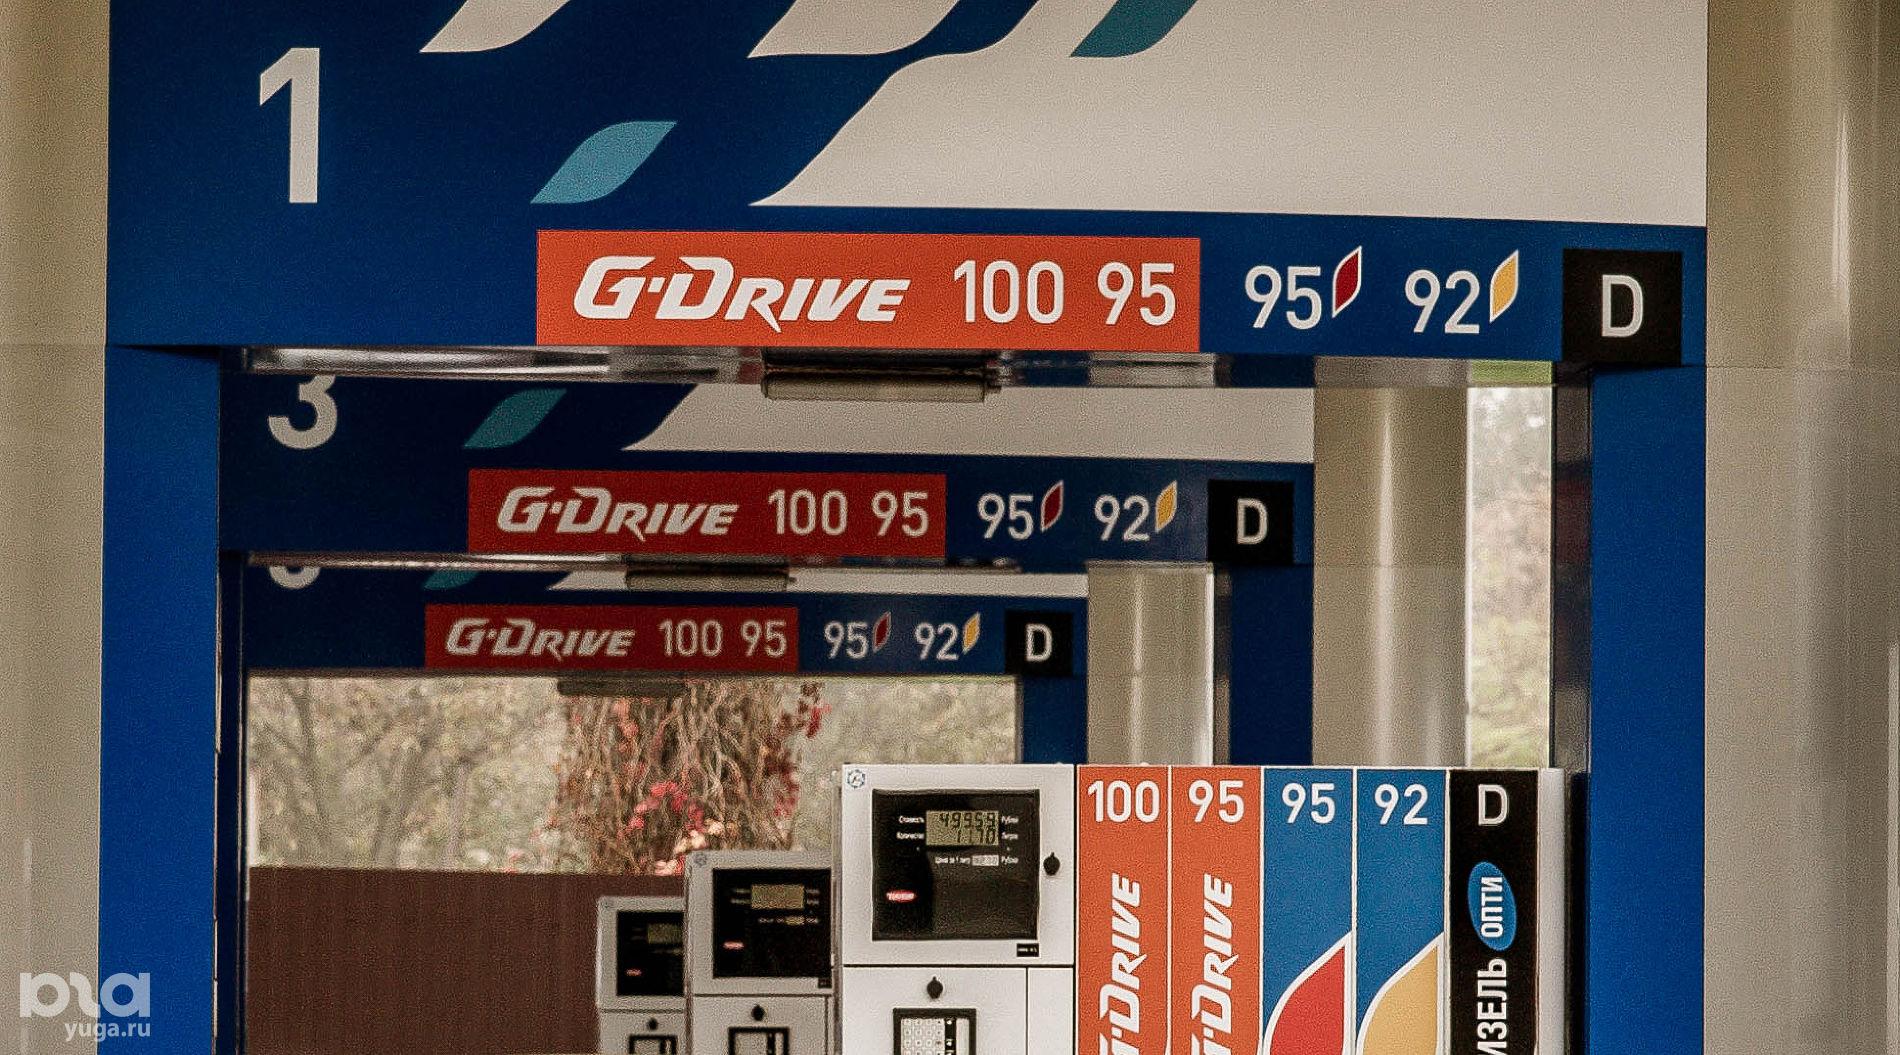 На АЗС «Газпромнефти» появился G-Drive 100 ©Фото Юга.ру